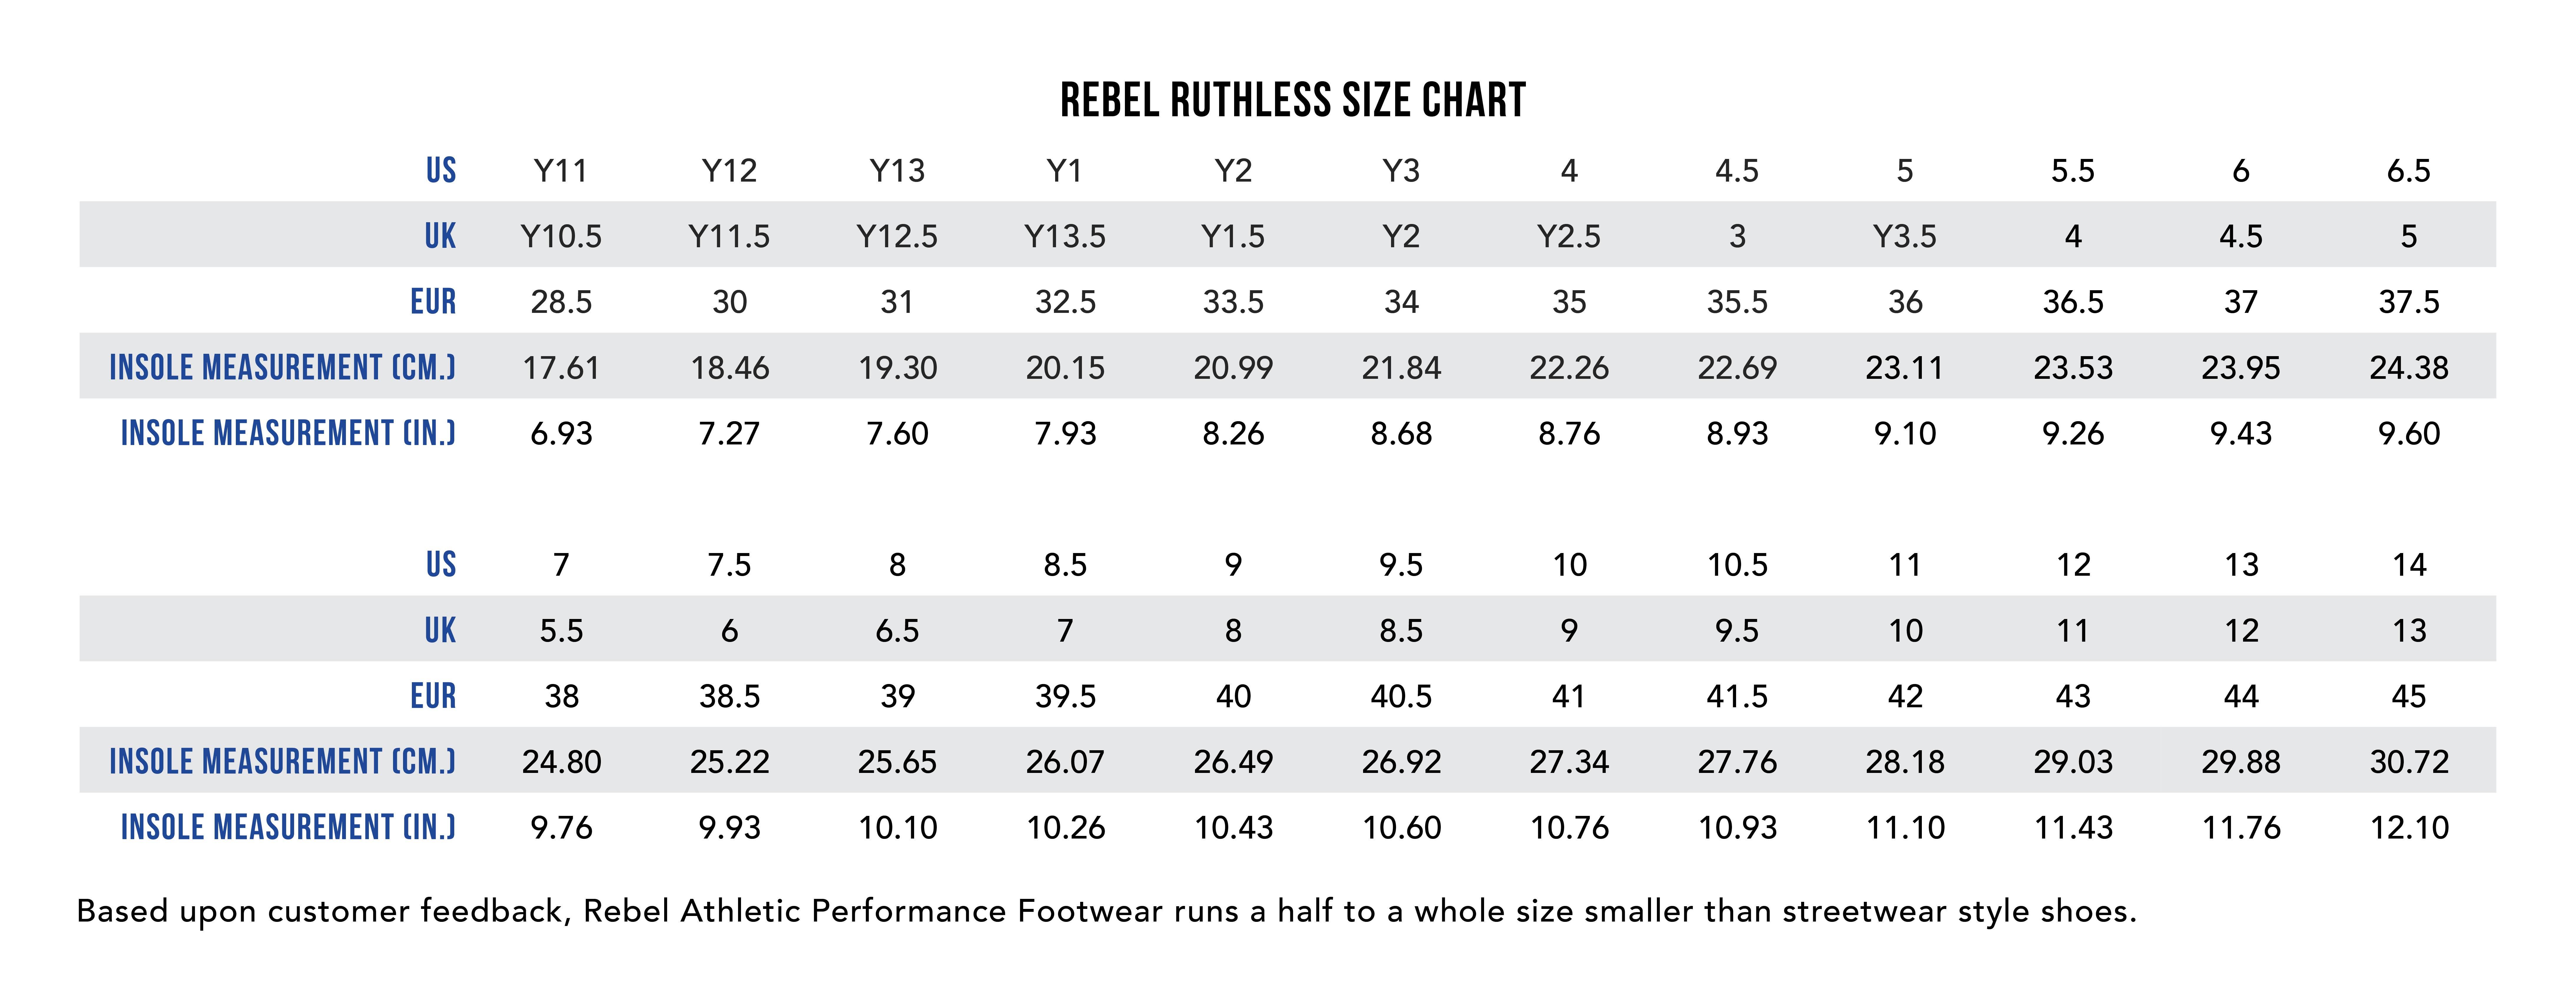 Rebel Ruthless size chart